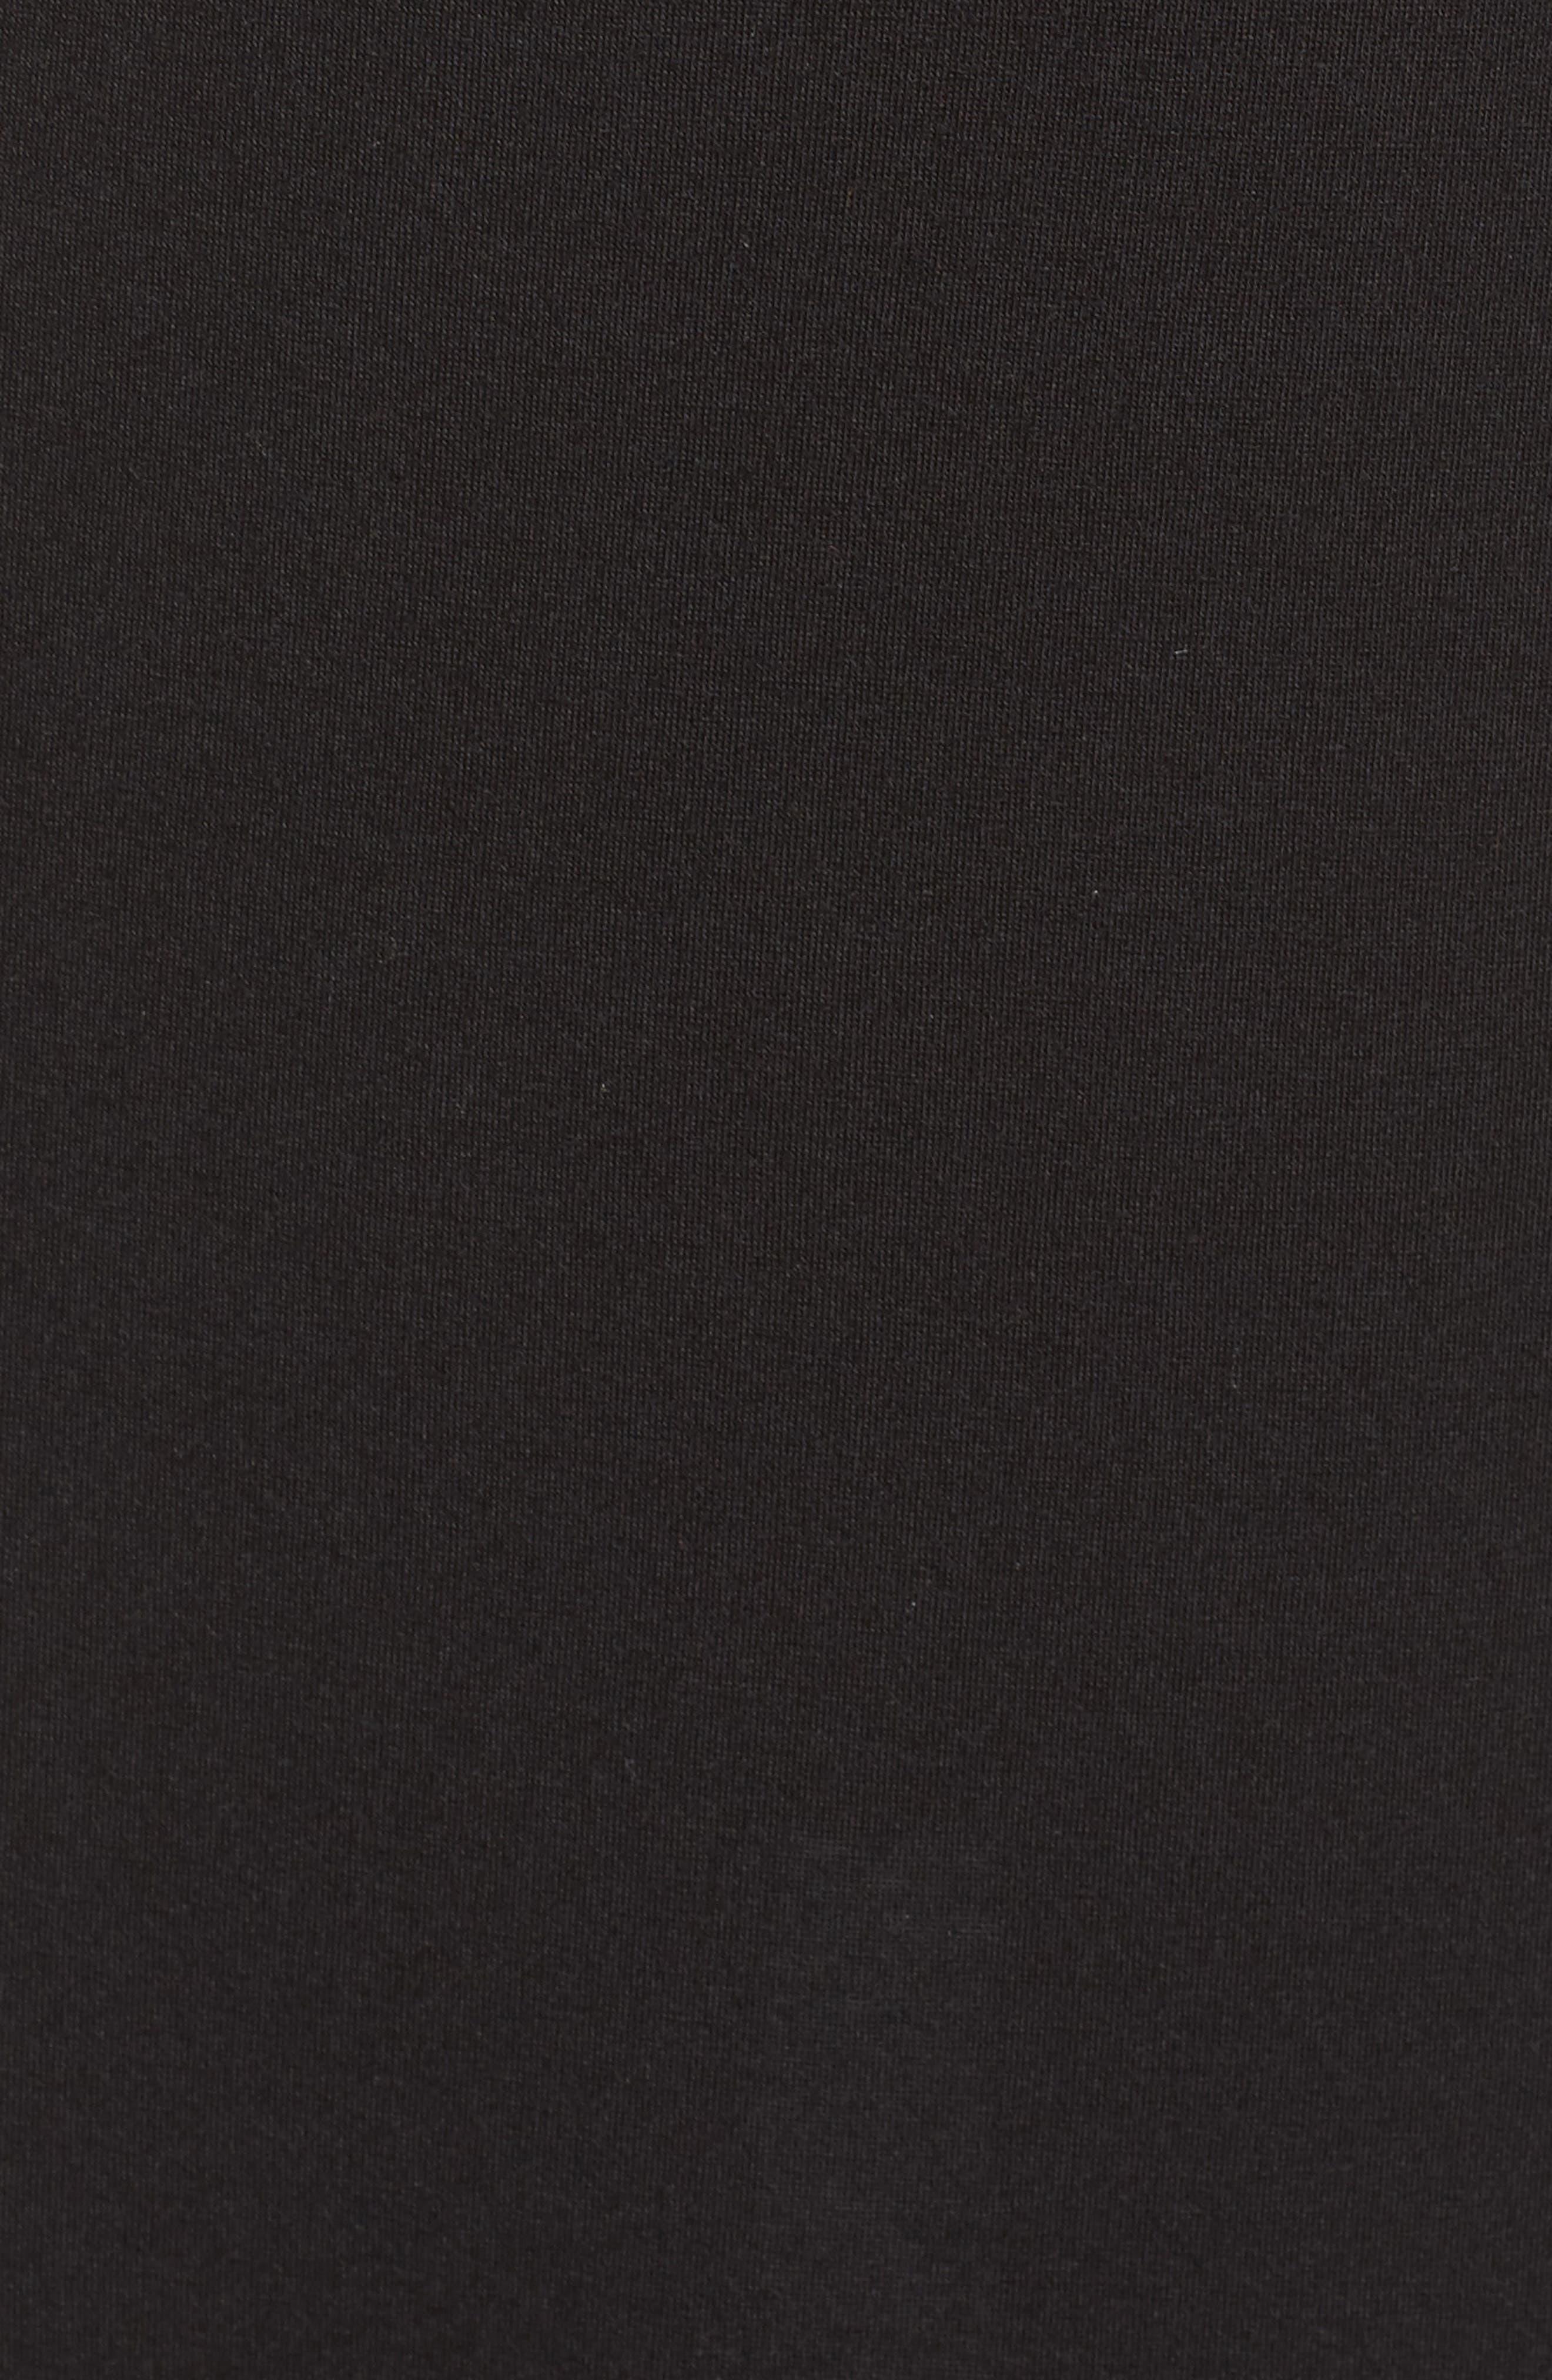 NATORI, Shangri La Nightgown, Alternate thumbnail 5, color, BLACK